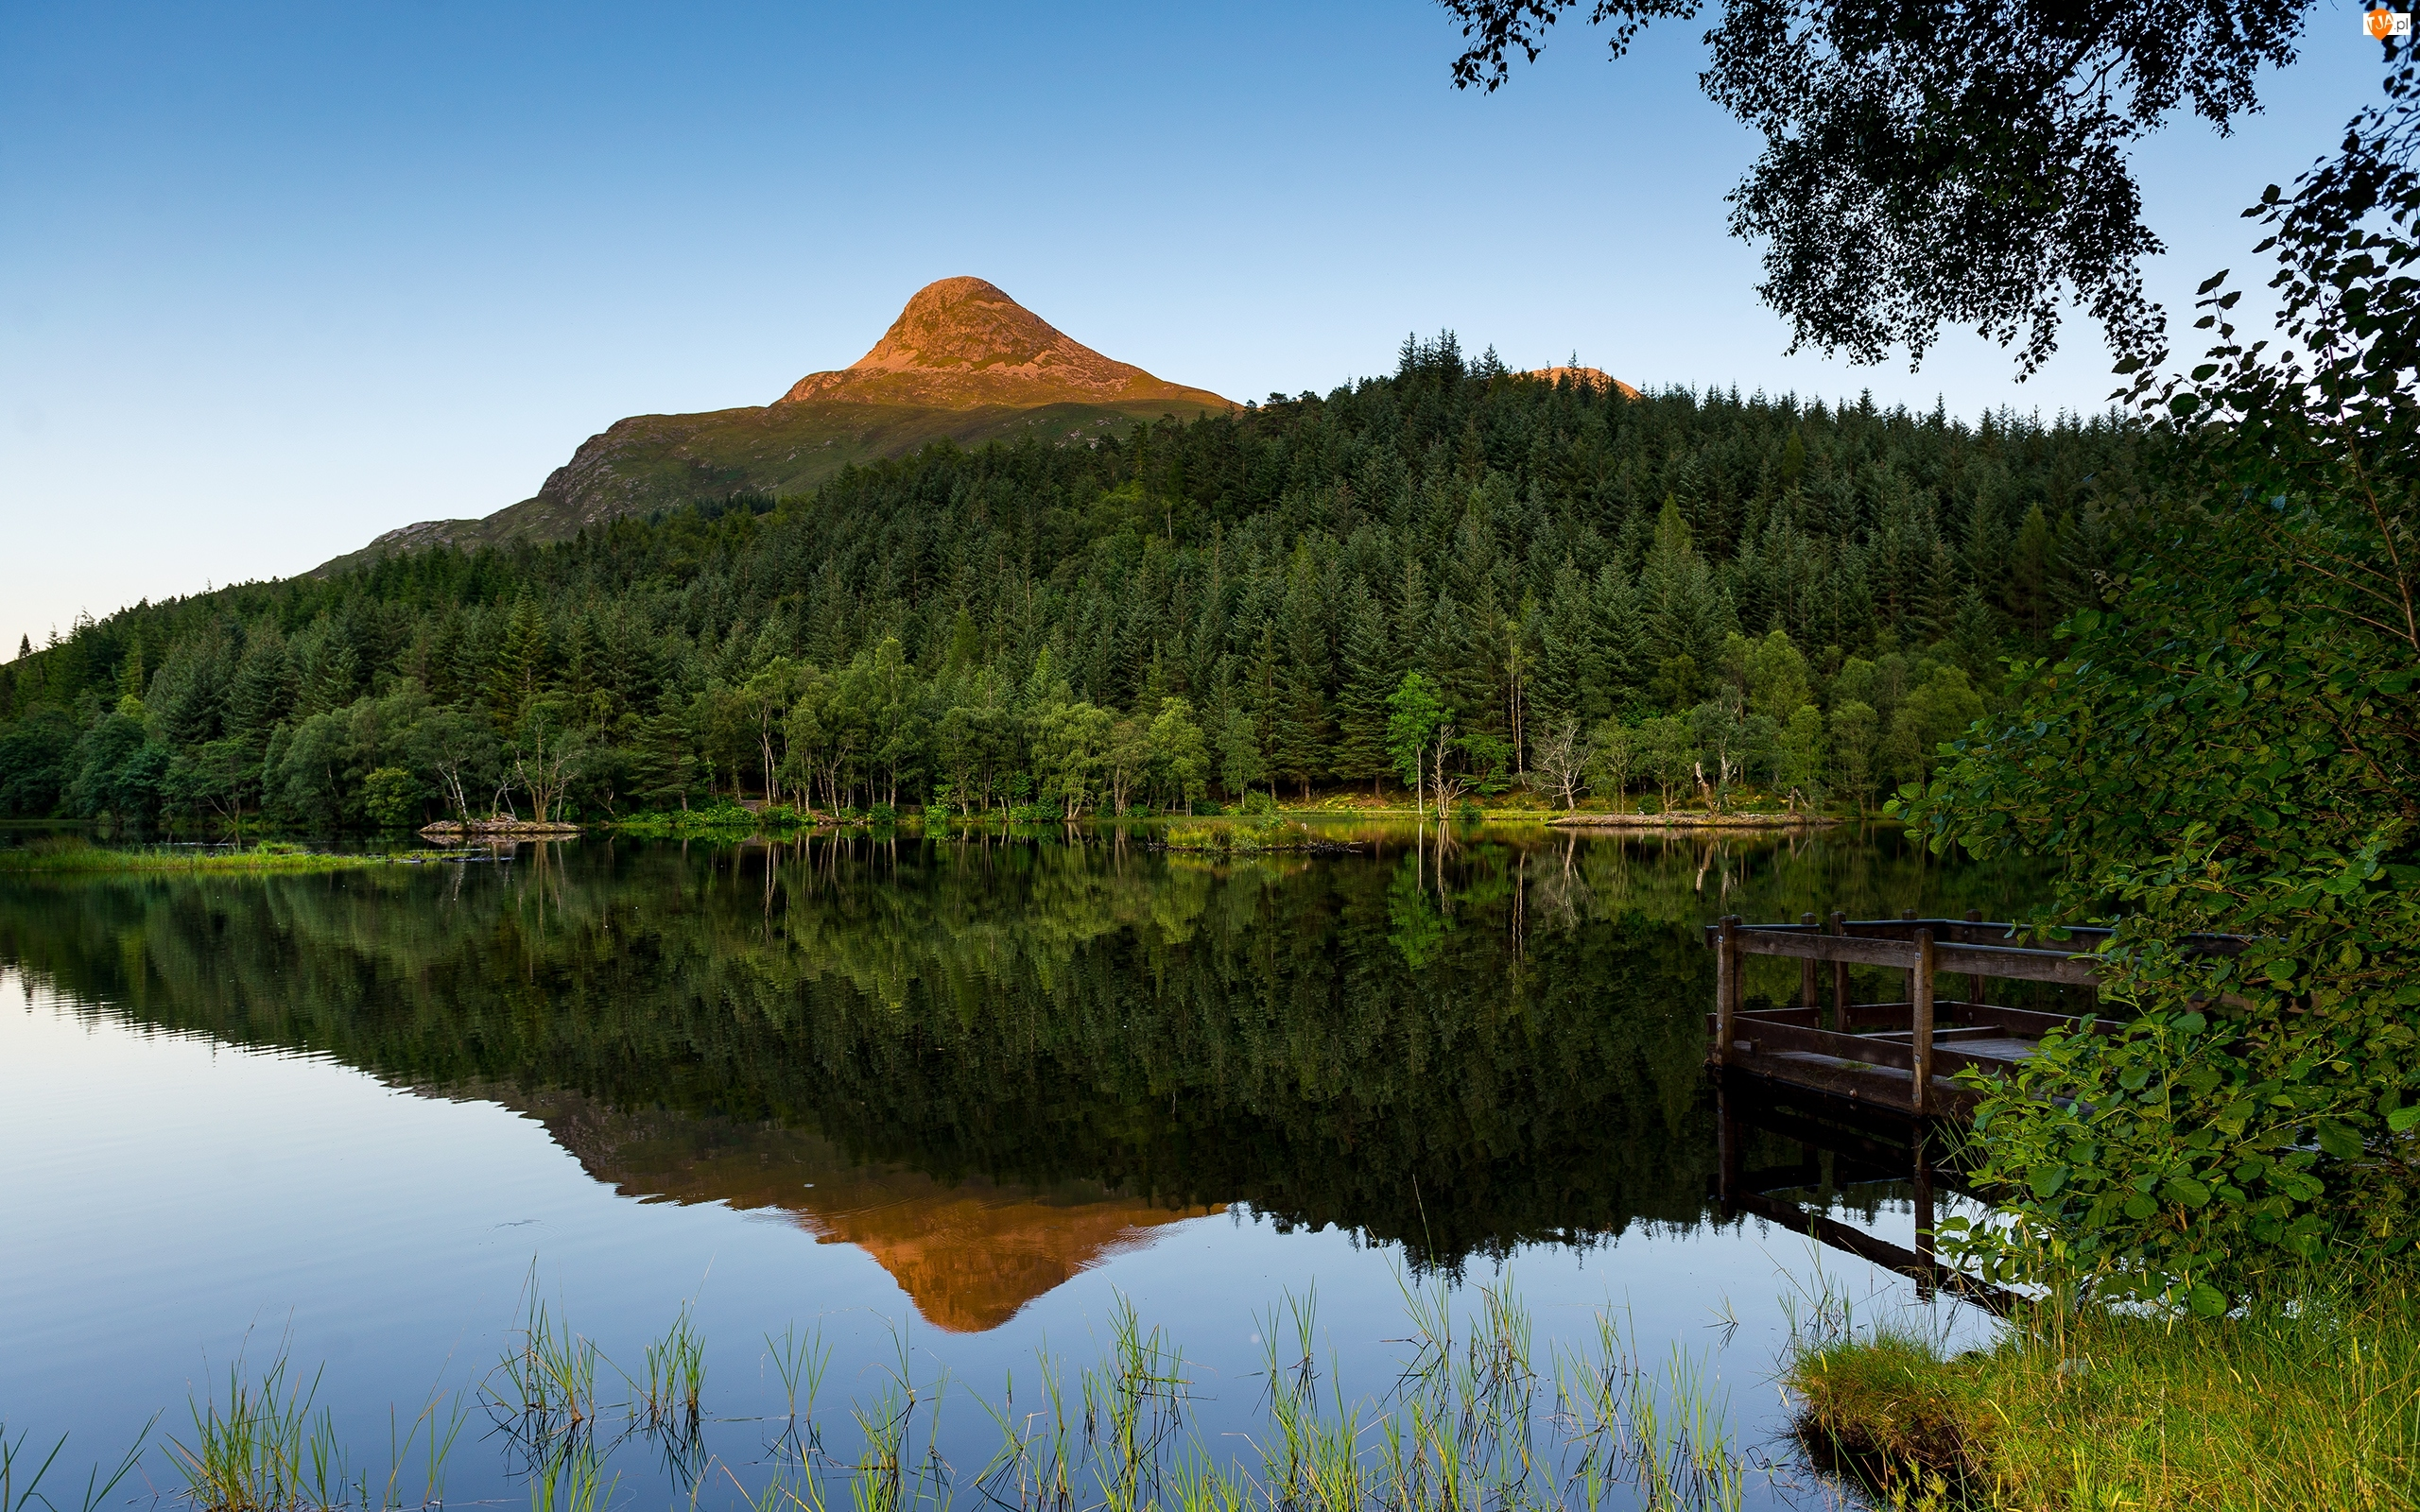 Pomost, Szkocja, Jezioro, Góry, Las Glencoe Lochan